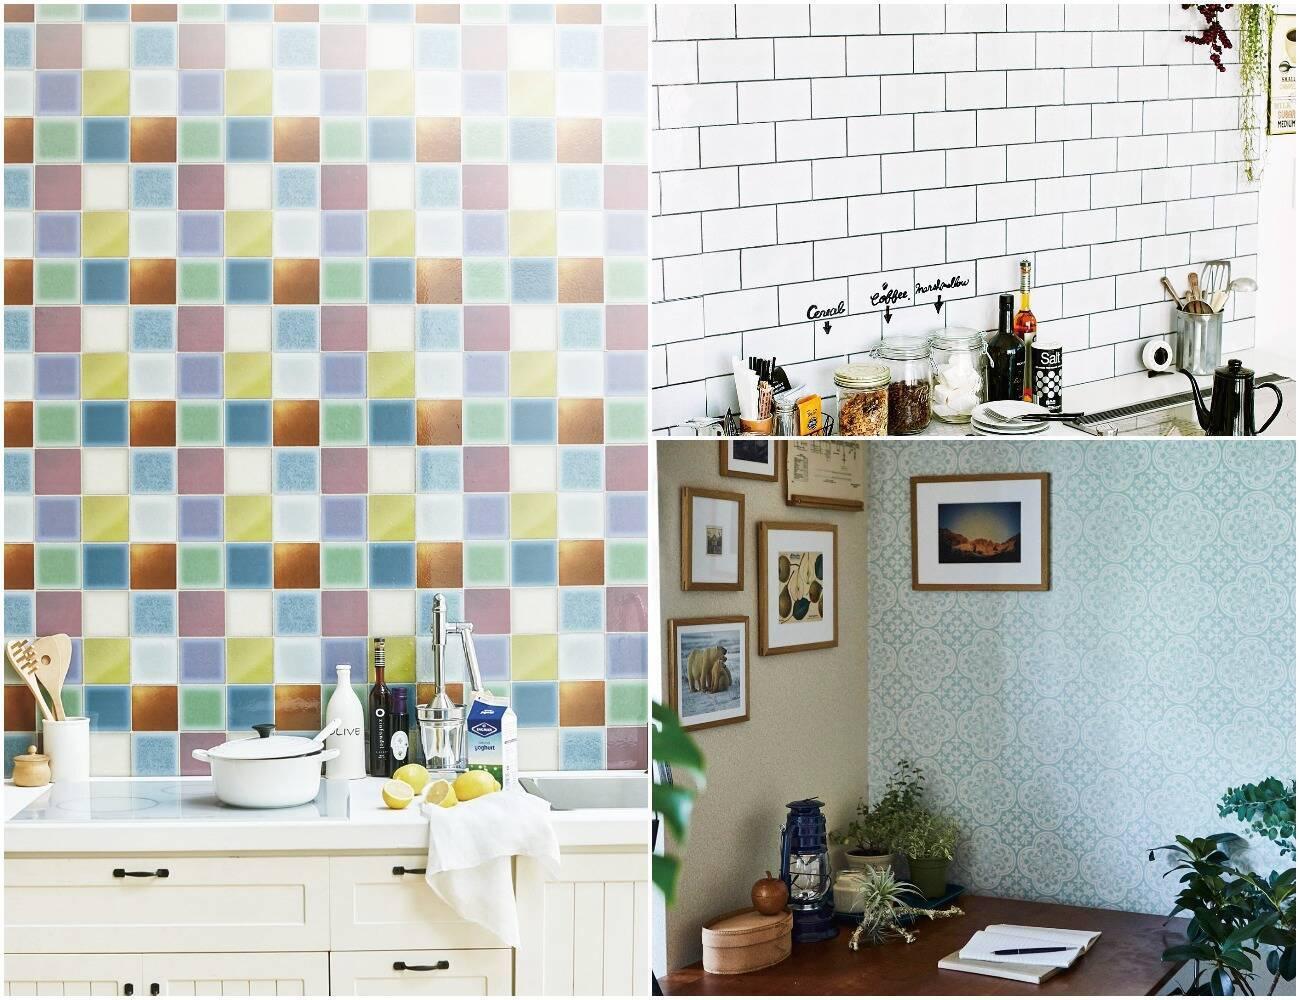 簡単に家をイメチェンするなら 貼ってはがせる壁紙シール がオススメ